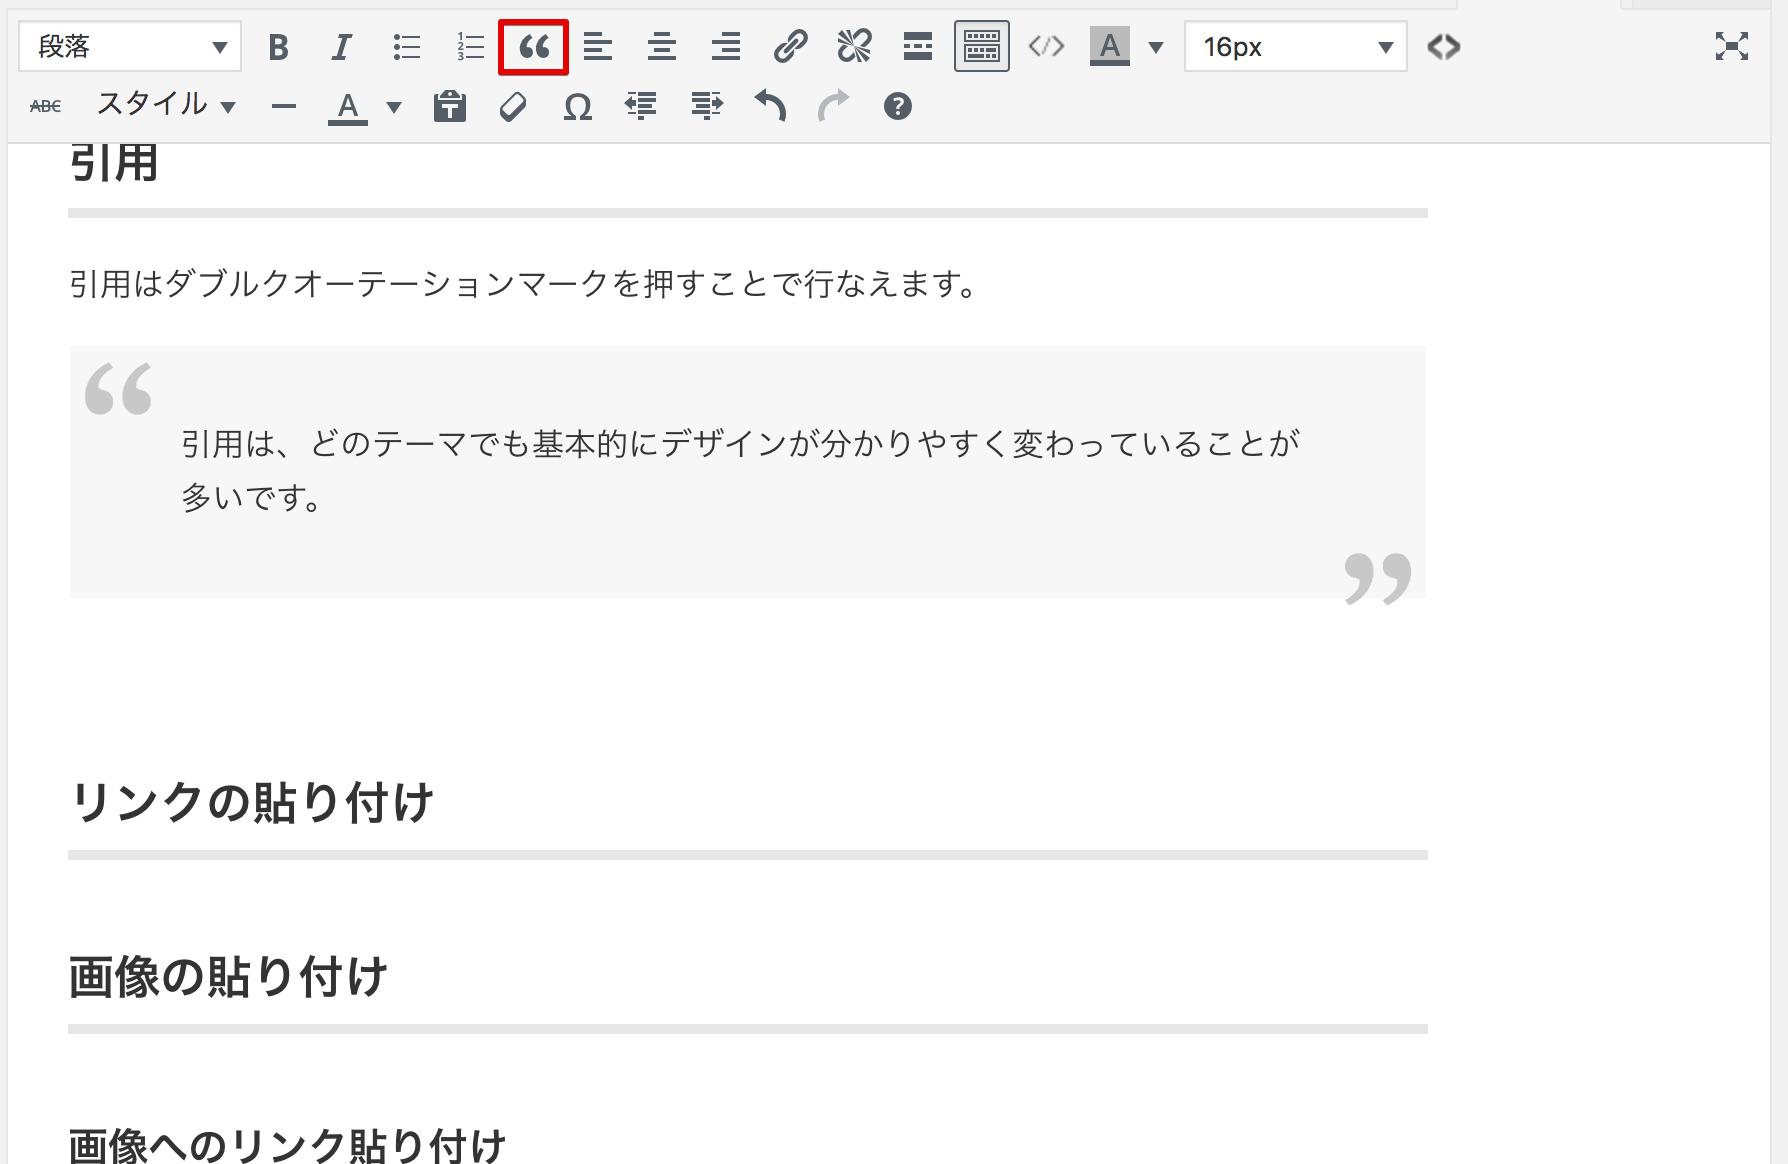 a22208d33968ea571aa4c96ba5f7fa43 - 初心者向け!WordPressの投稿方法や記事の編集方法を徹底解説